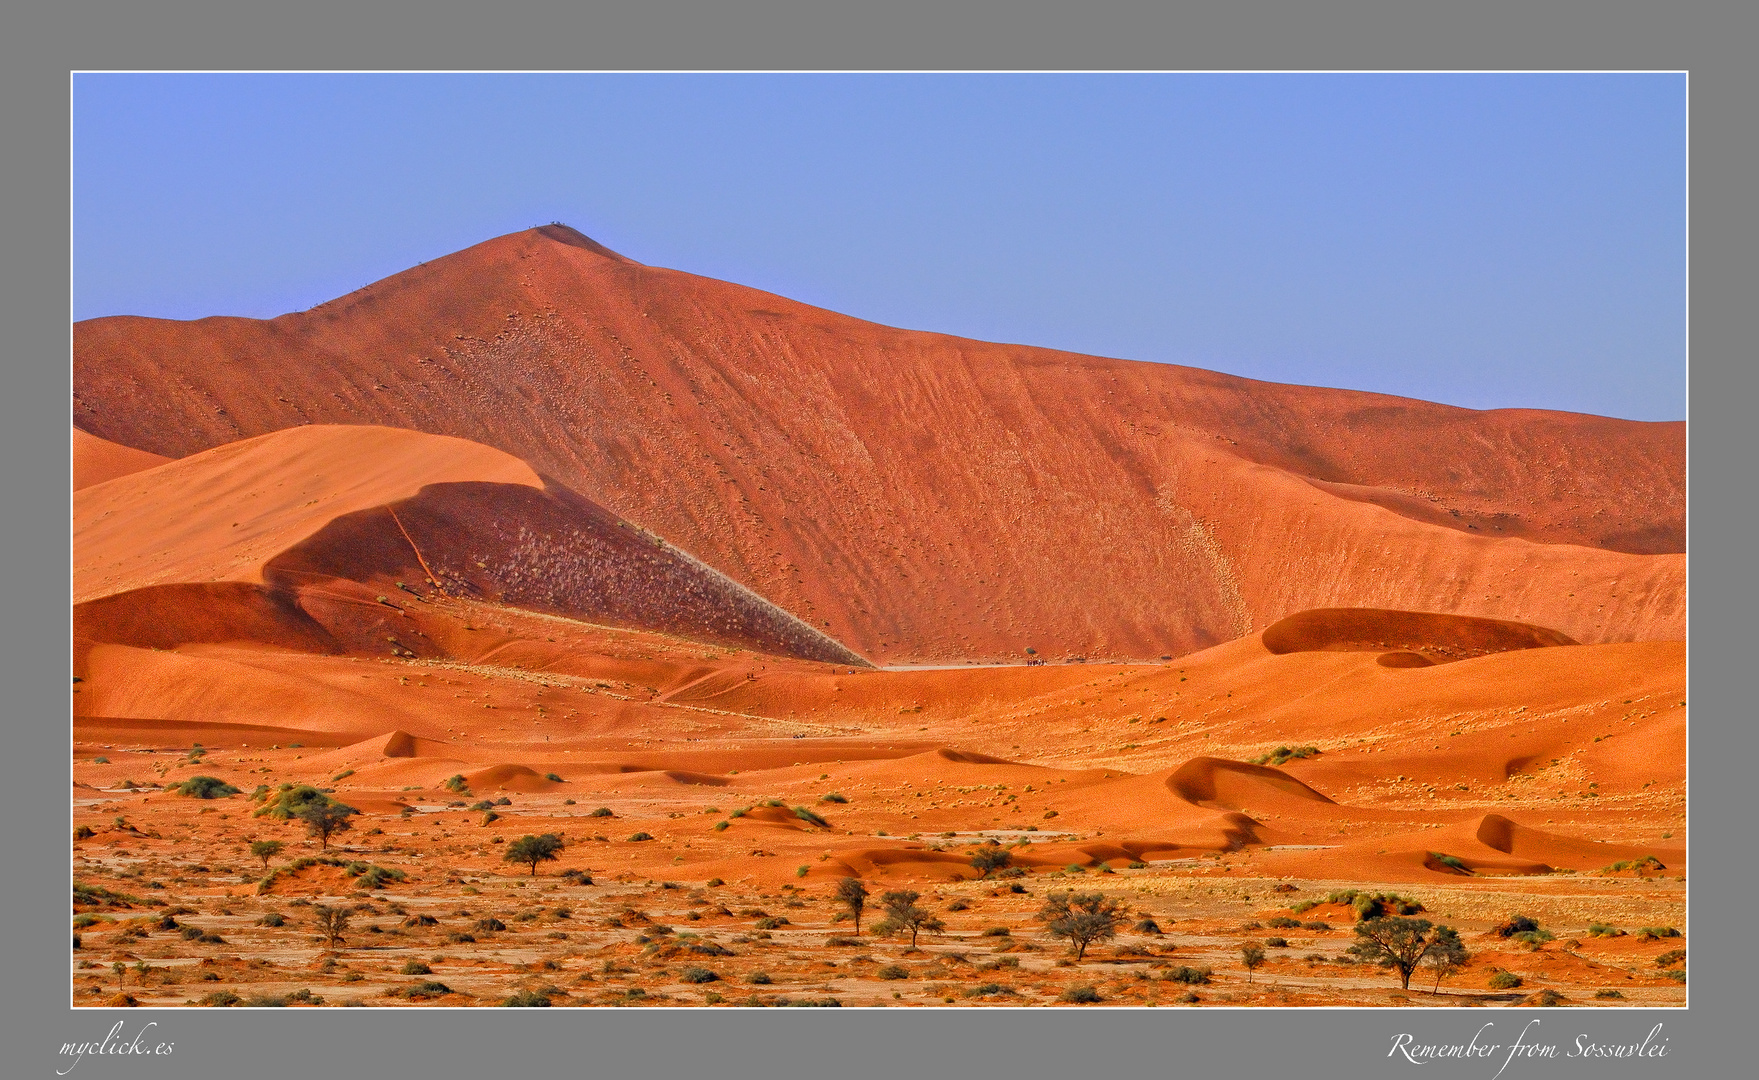 MEMORIAS DE AFRICA-LAS DUNAS DE SOSSUVLEI 2-NAMIBIA